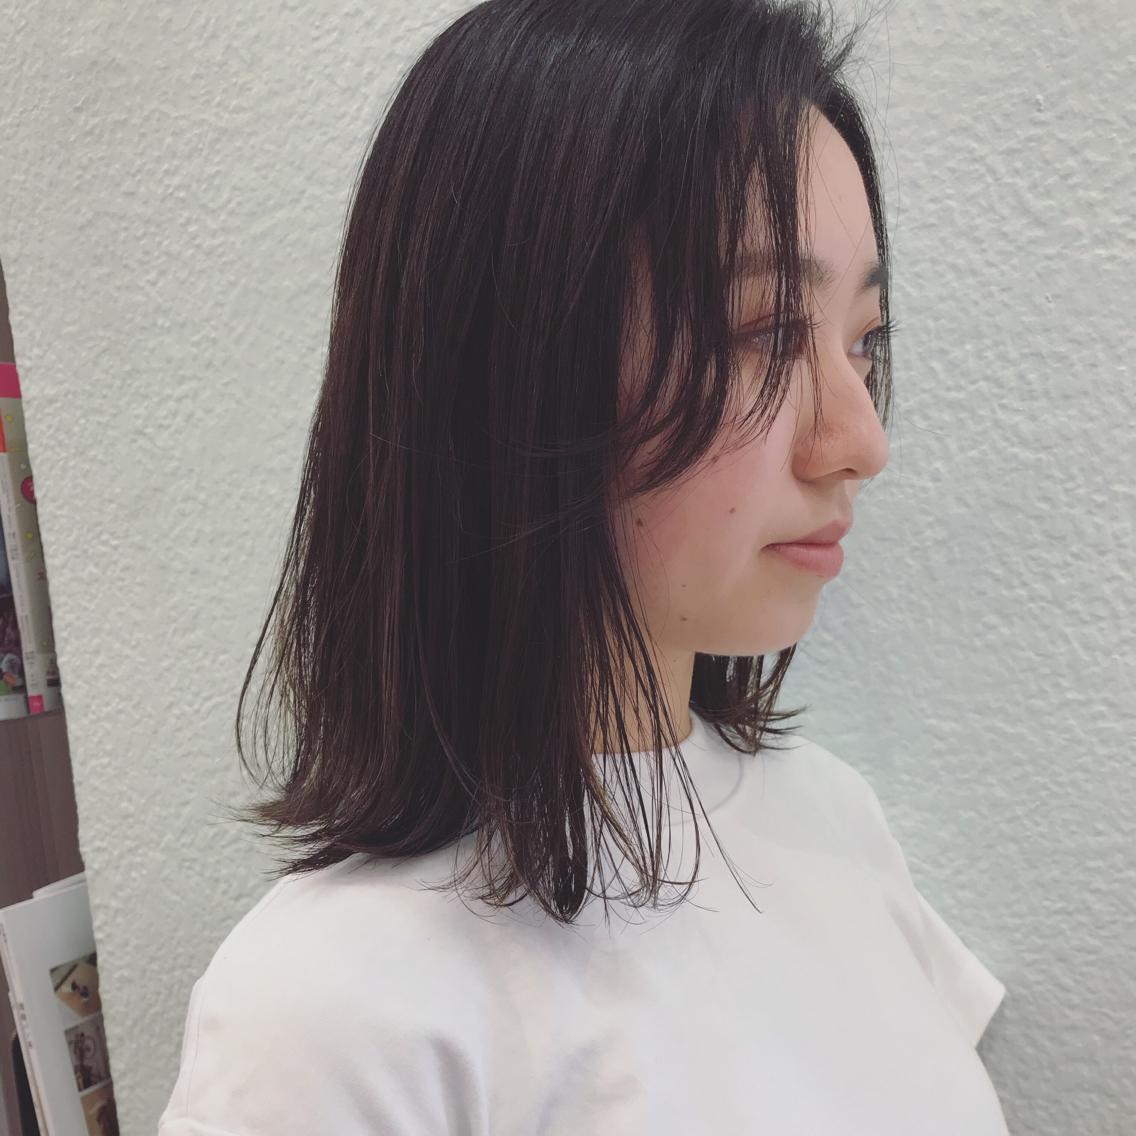 #ミディアム バッサリ前髪をつくらせていただいたモデルさん ❤︎透けるような前髪 ❤︎ 前髪どうしようかお悩みの方一度ご相談ください❤︎